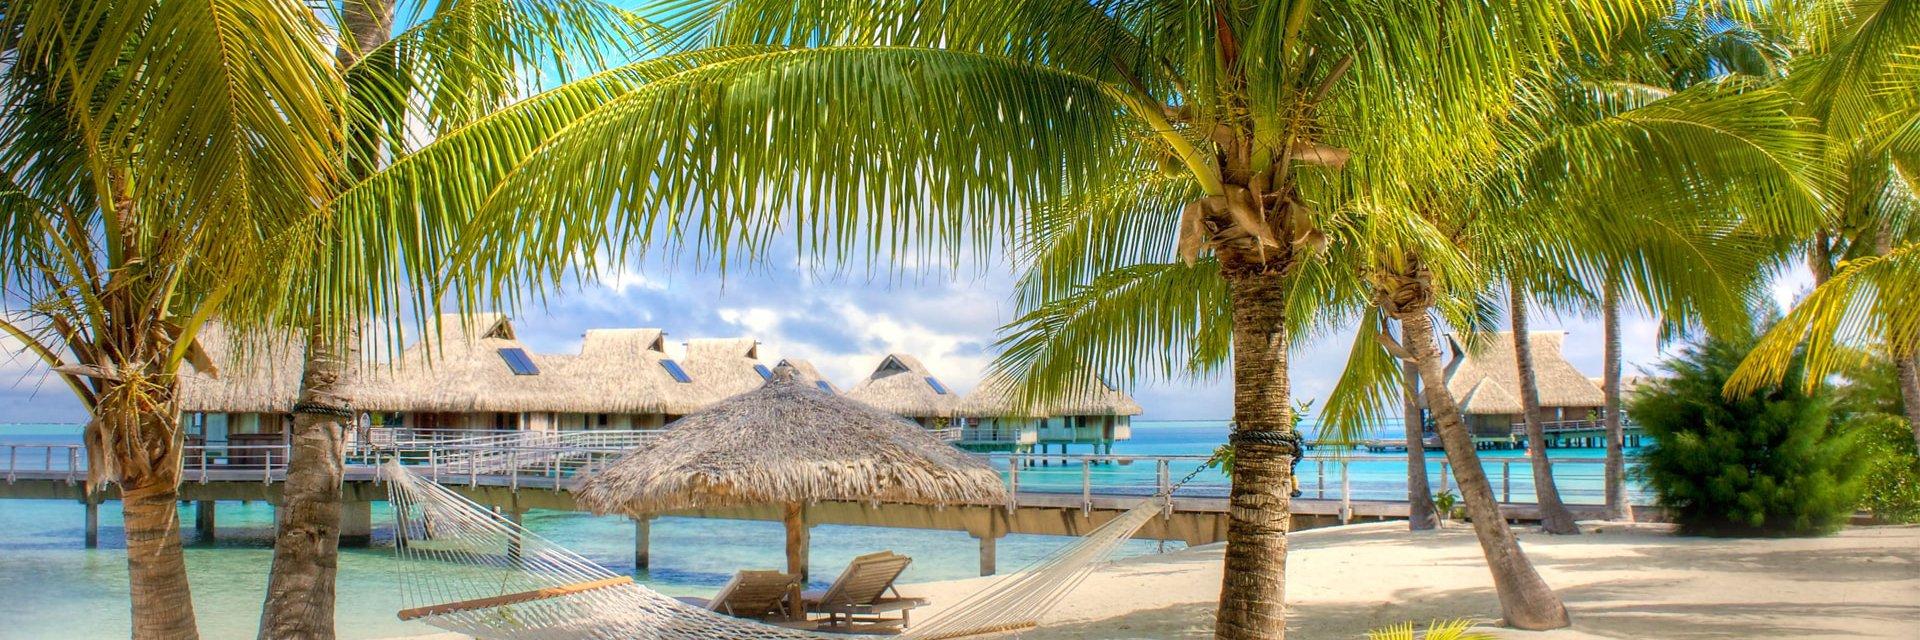 Туры в Доминикану 2020, путевки из Москвы - цены на отдых в Доминикане - ПАКС